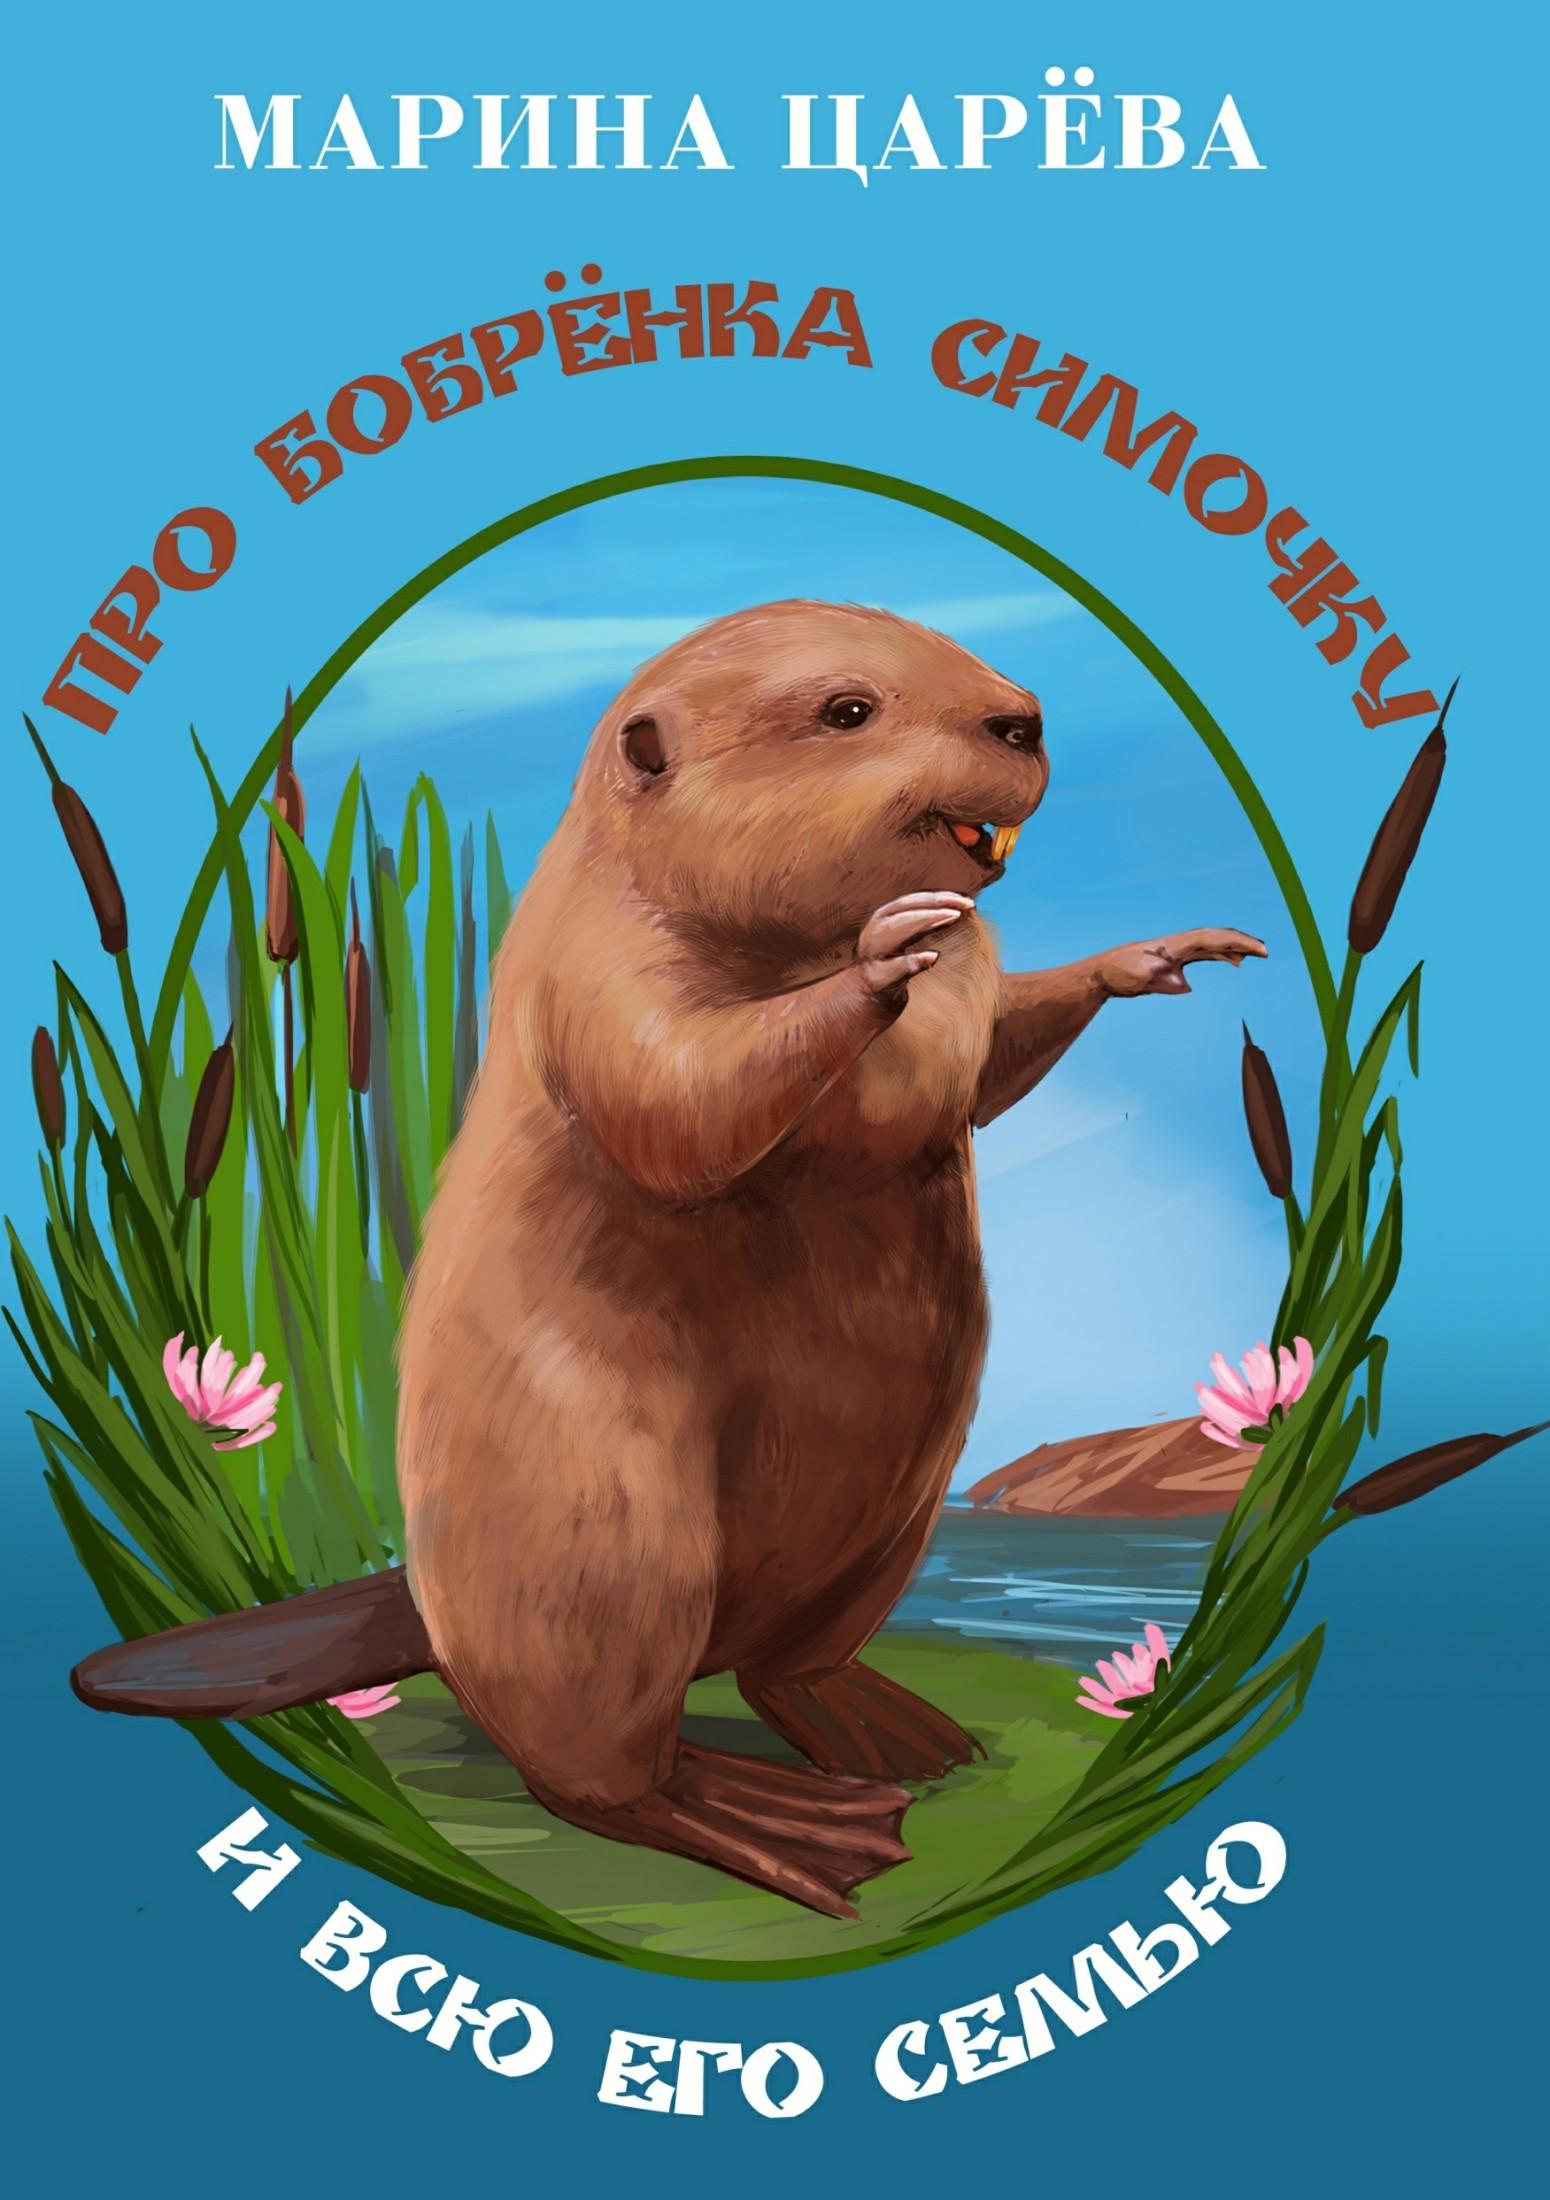 Книга Про бобрёнка Симочку и всю его семью